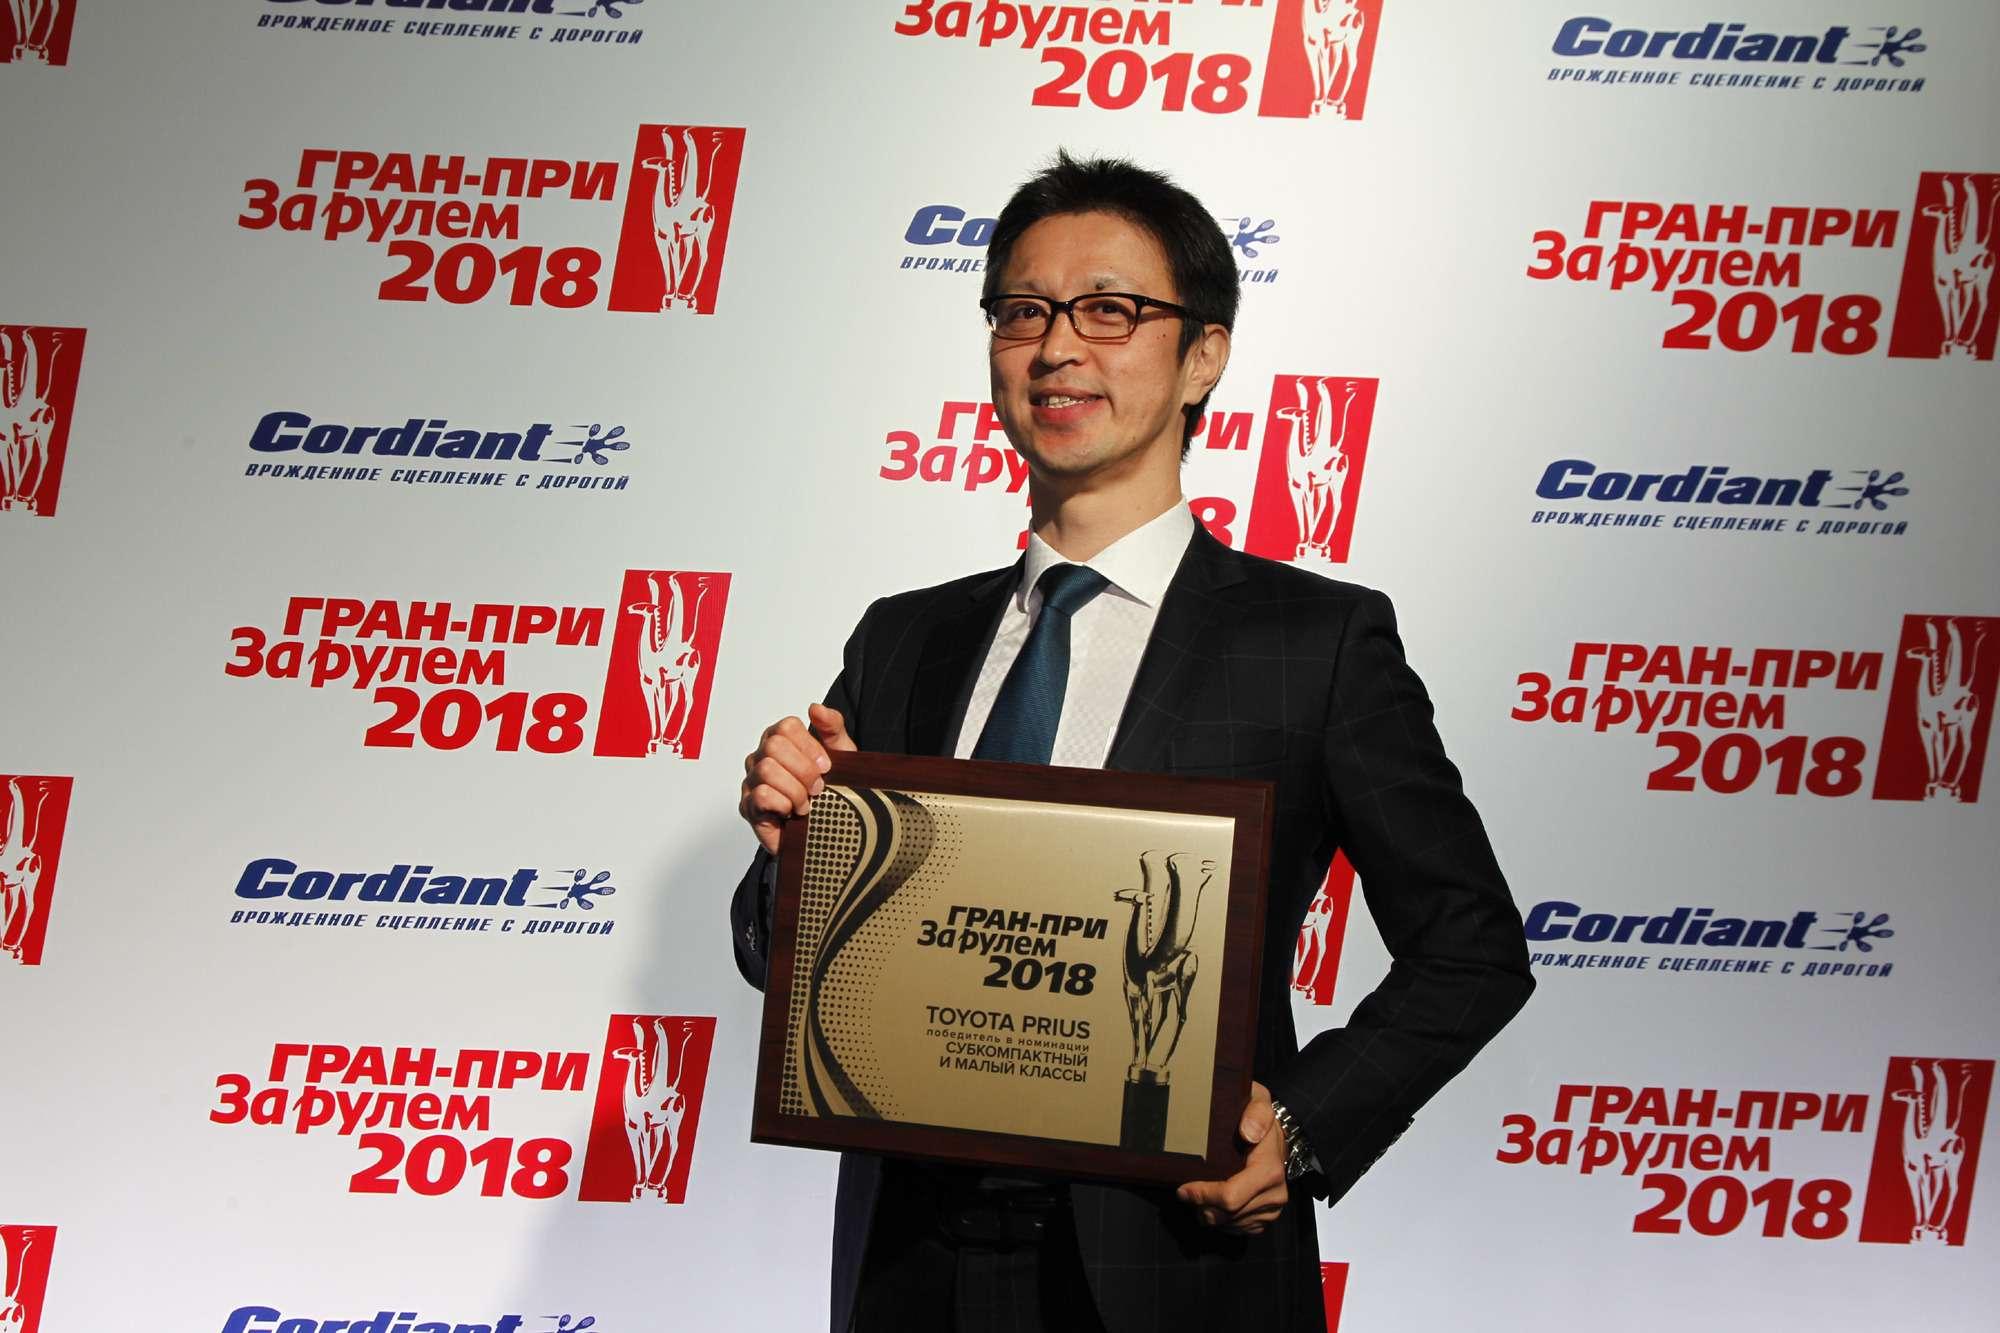 Гран-при «Зарулем»: названы лучшие автоновинки икомпании 2017 года— фото 856026